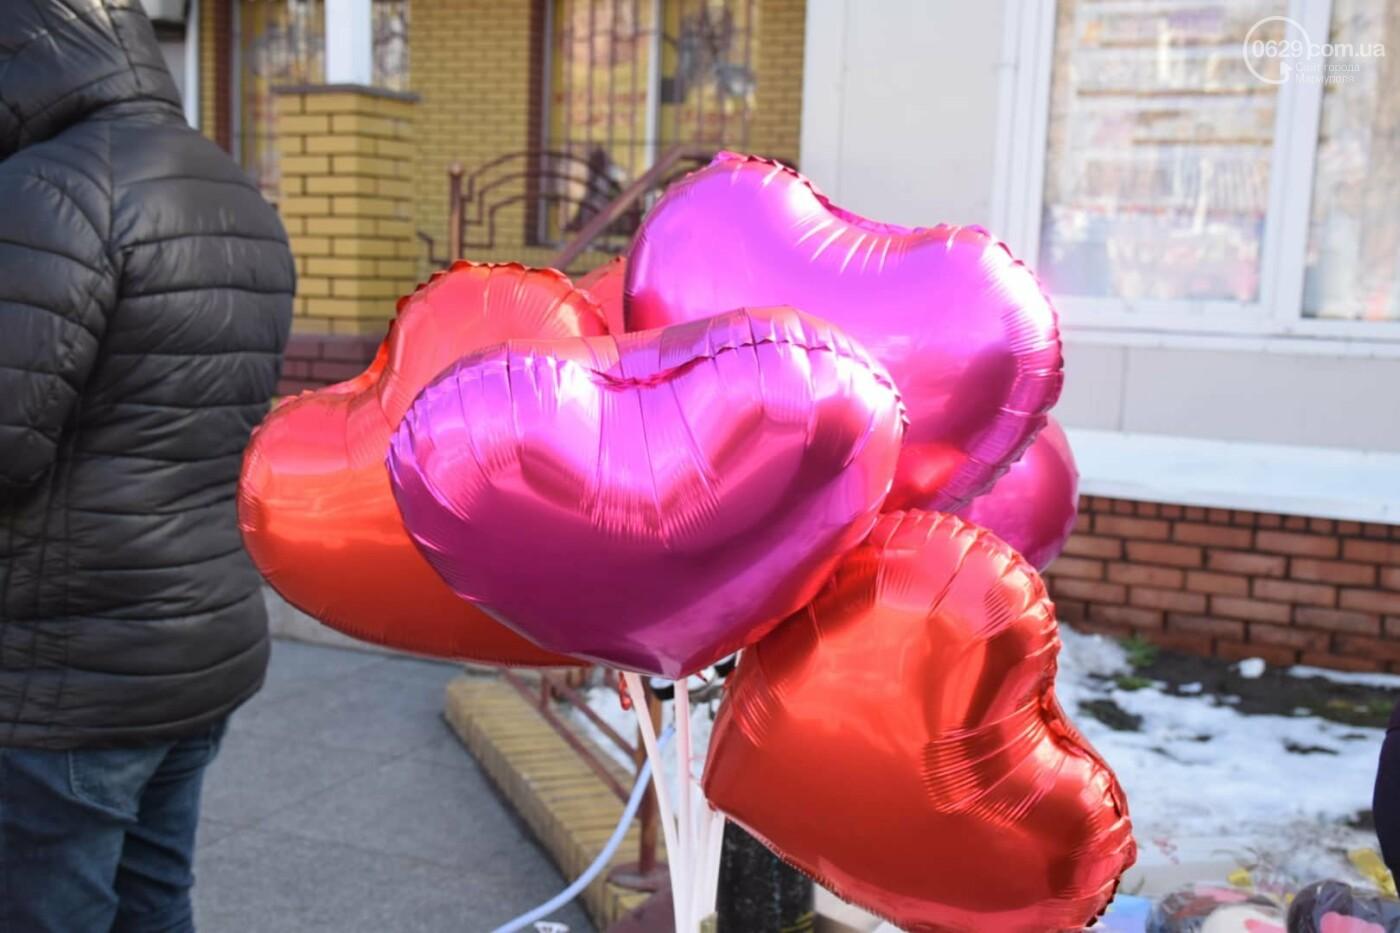 День Святого Валентина в Мариуполе: цветы, шары и мужчины-романтики, - ФОТОРЕПОРТАЖ, фото-31